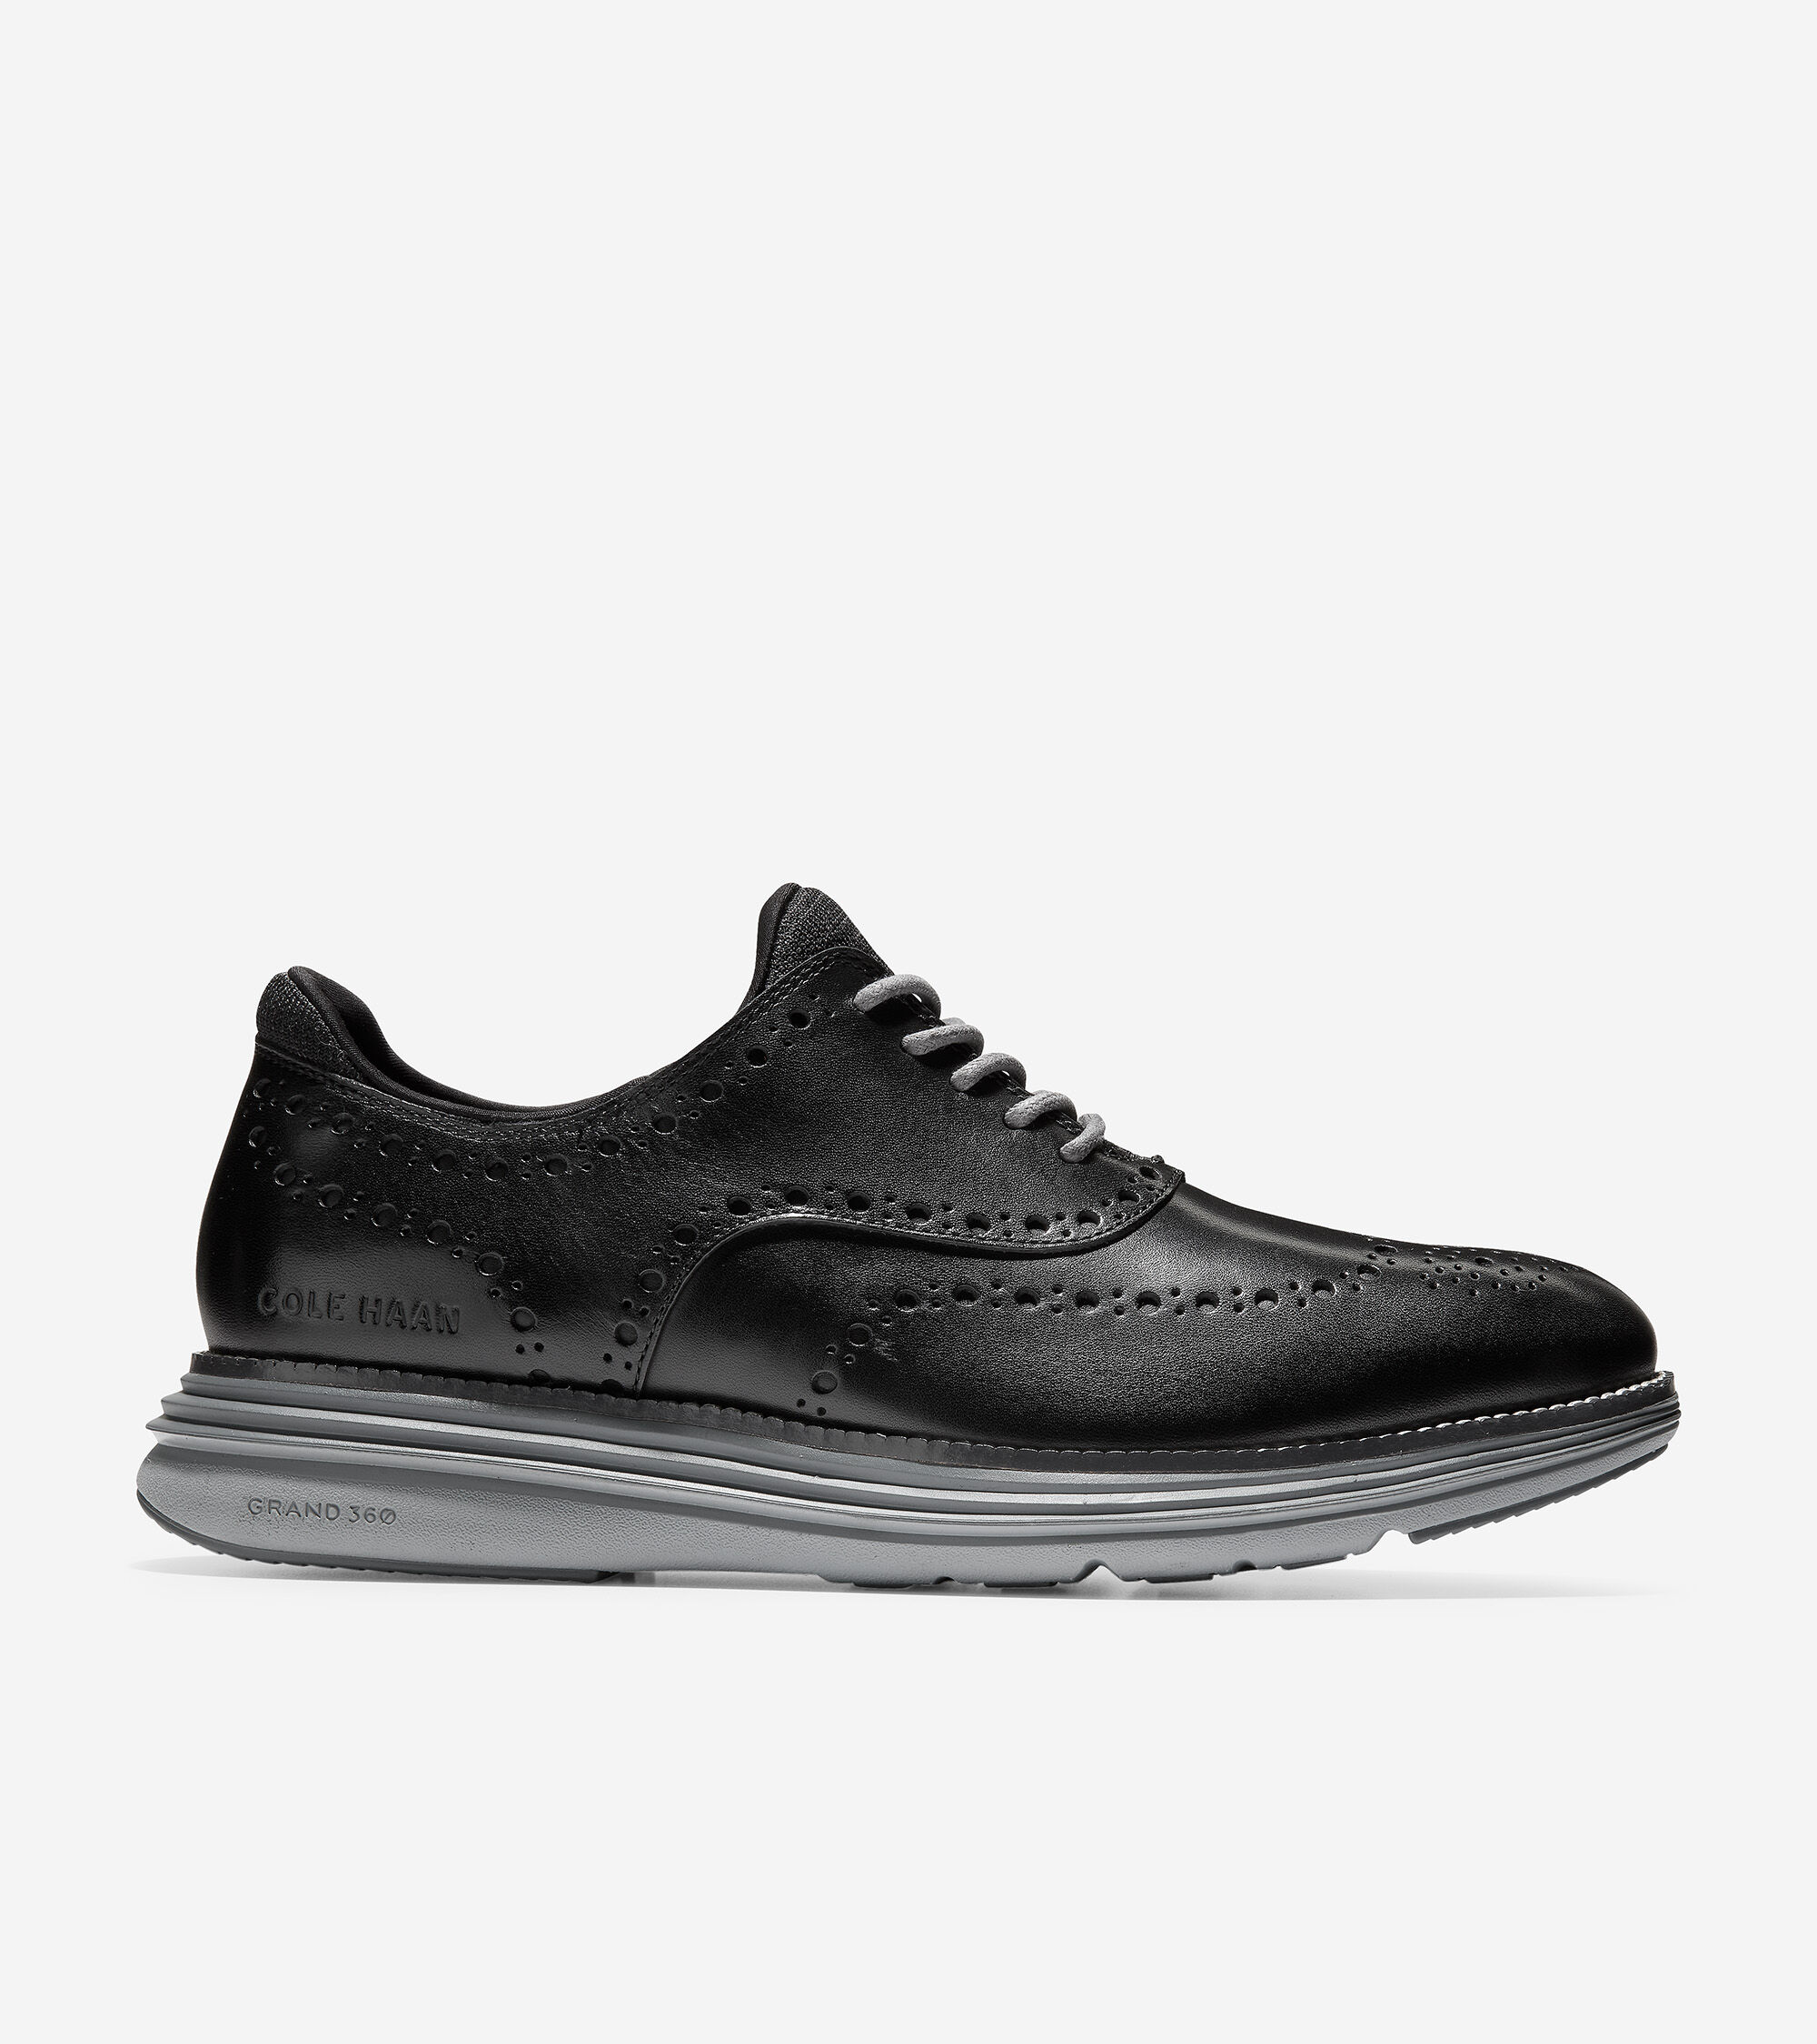 Men's OriginalGrand Shoes | Cole Haan